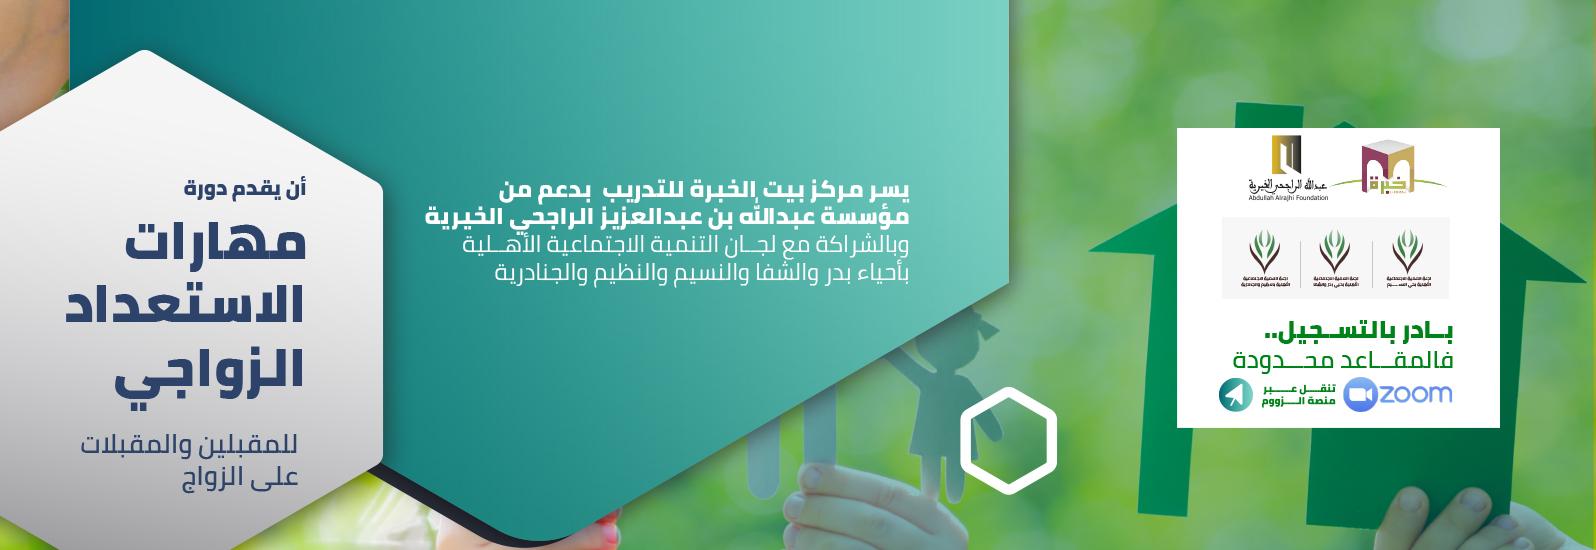 مركز خبرة وبدعم من مؤسسة عبدالله بن عبدالعزيز الراجحي الخيرية يقدم